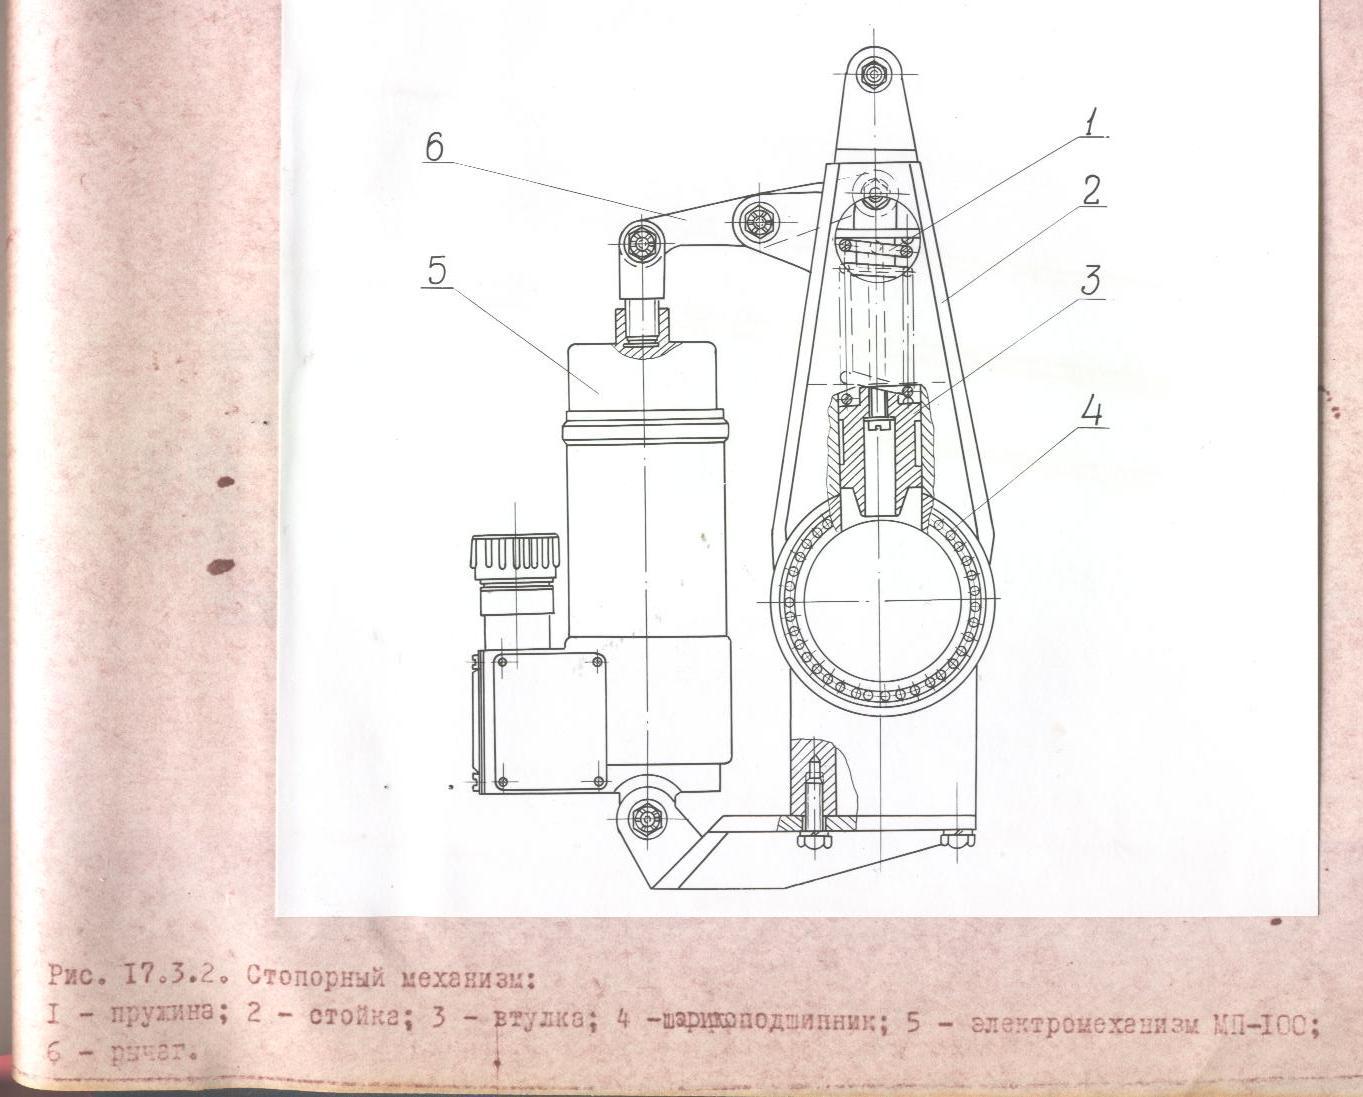 Тп Ан-2 имитатор системы управления 007.jpg